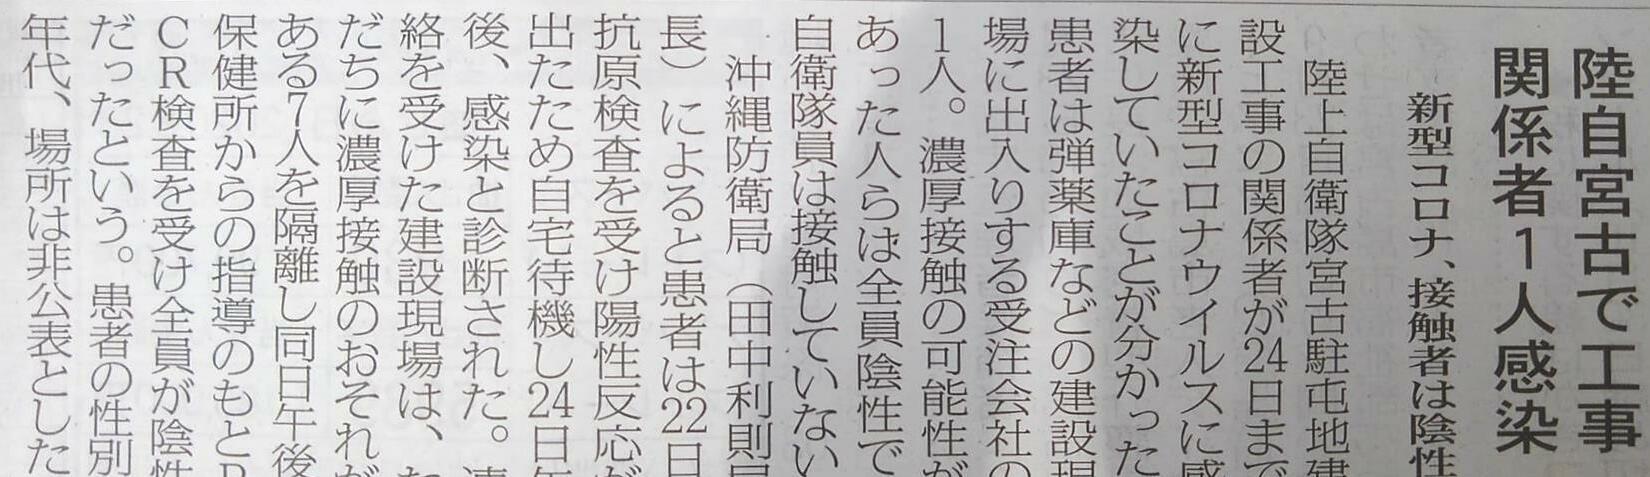 miyakomainichi2020 08291